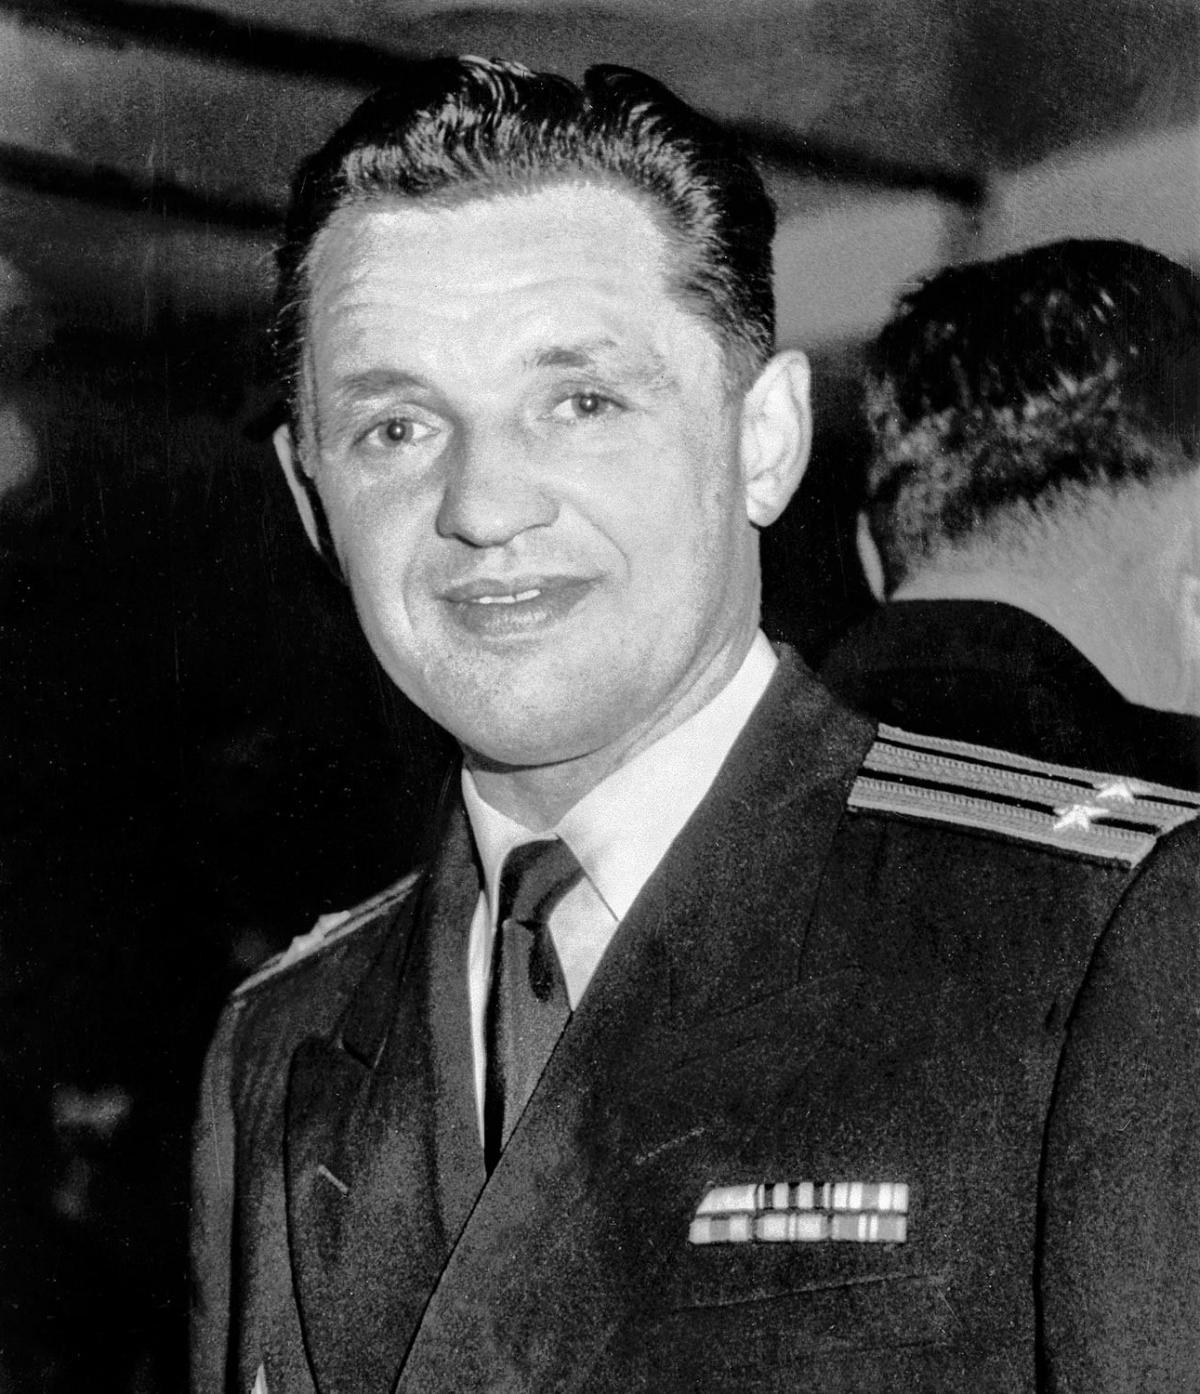 Tùy viên Hải quân Liên Xô Eugene Ivanov. Nguồn: RBTH